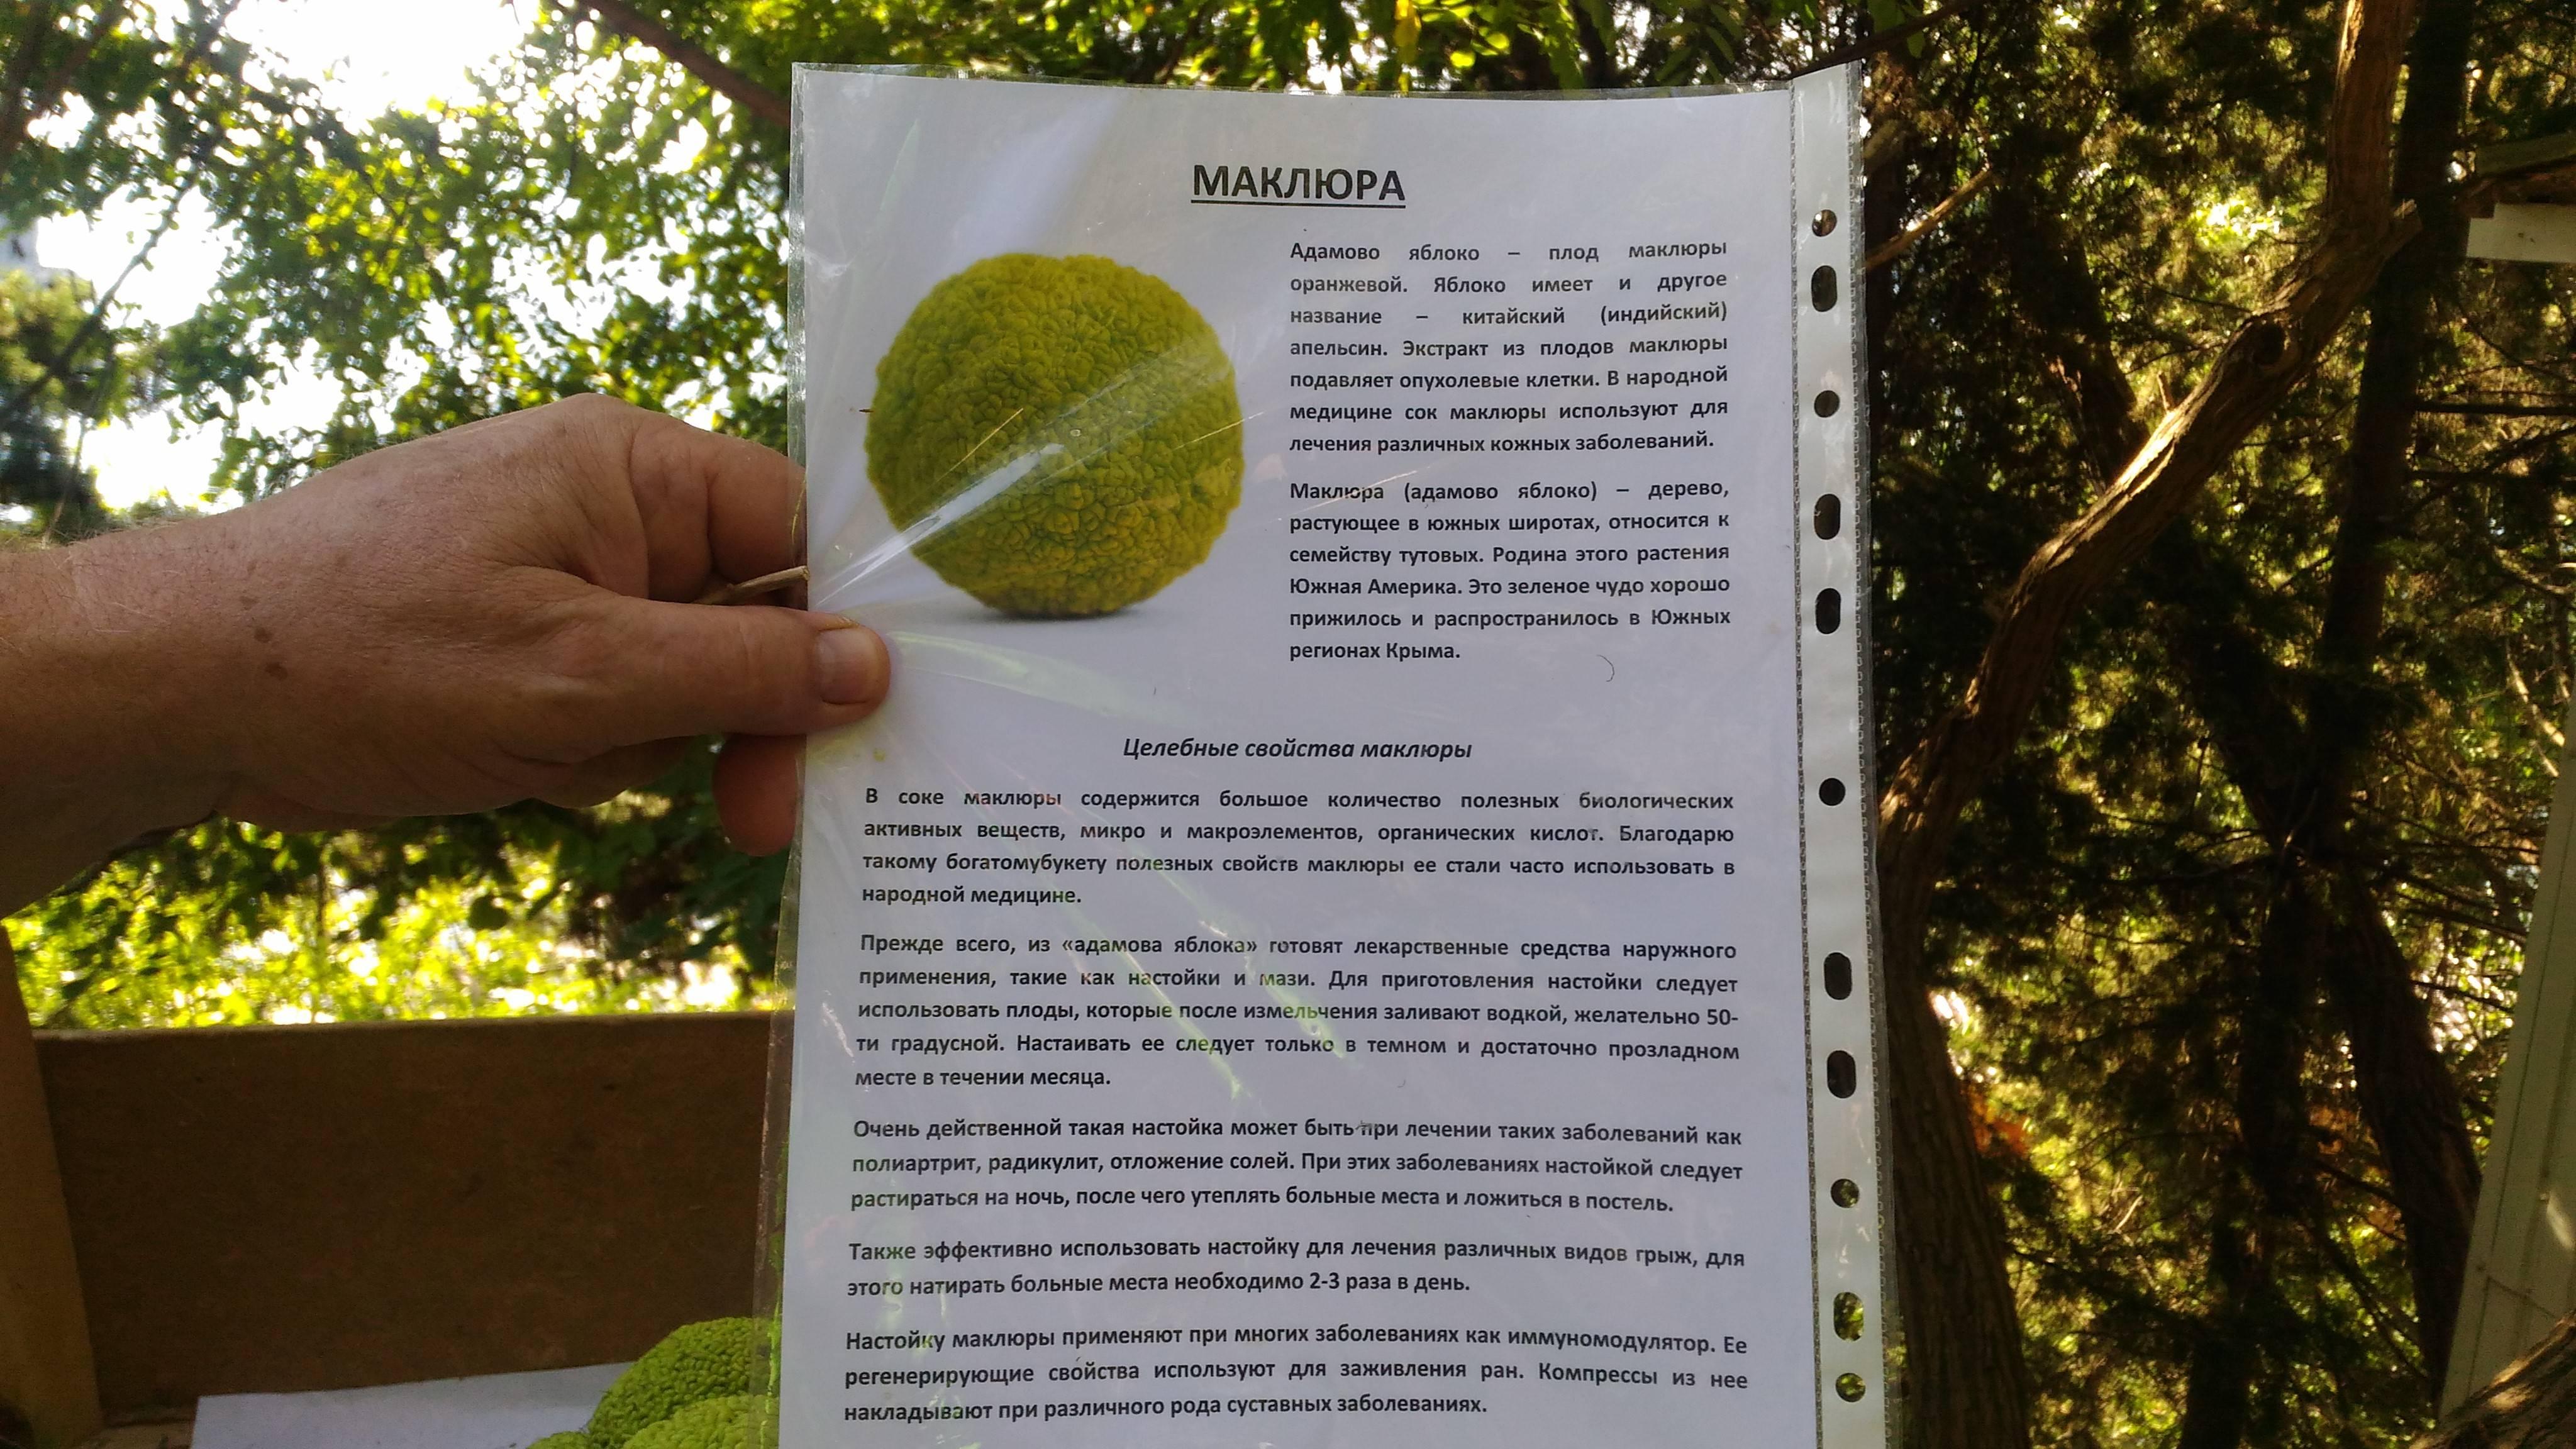 Маклюра или адамово яблоко: лечебные свойства и рецепты приготовления